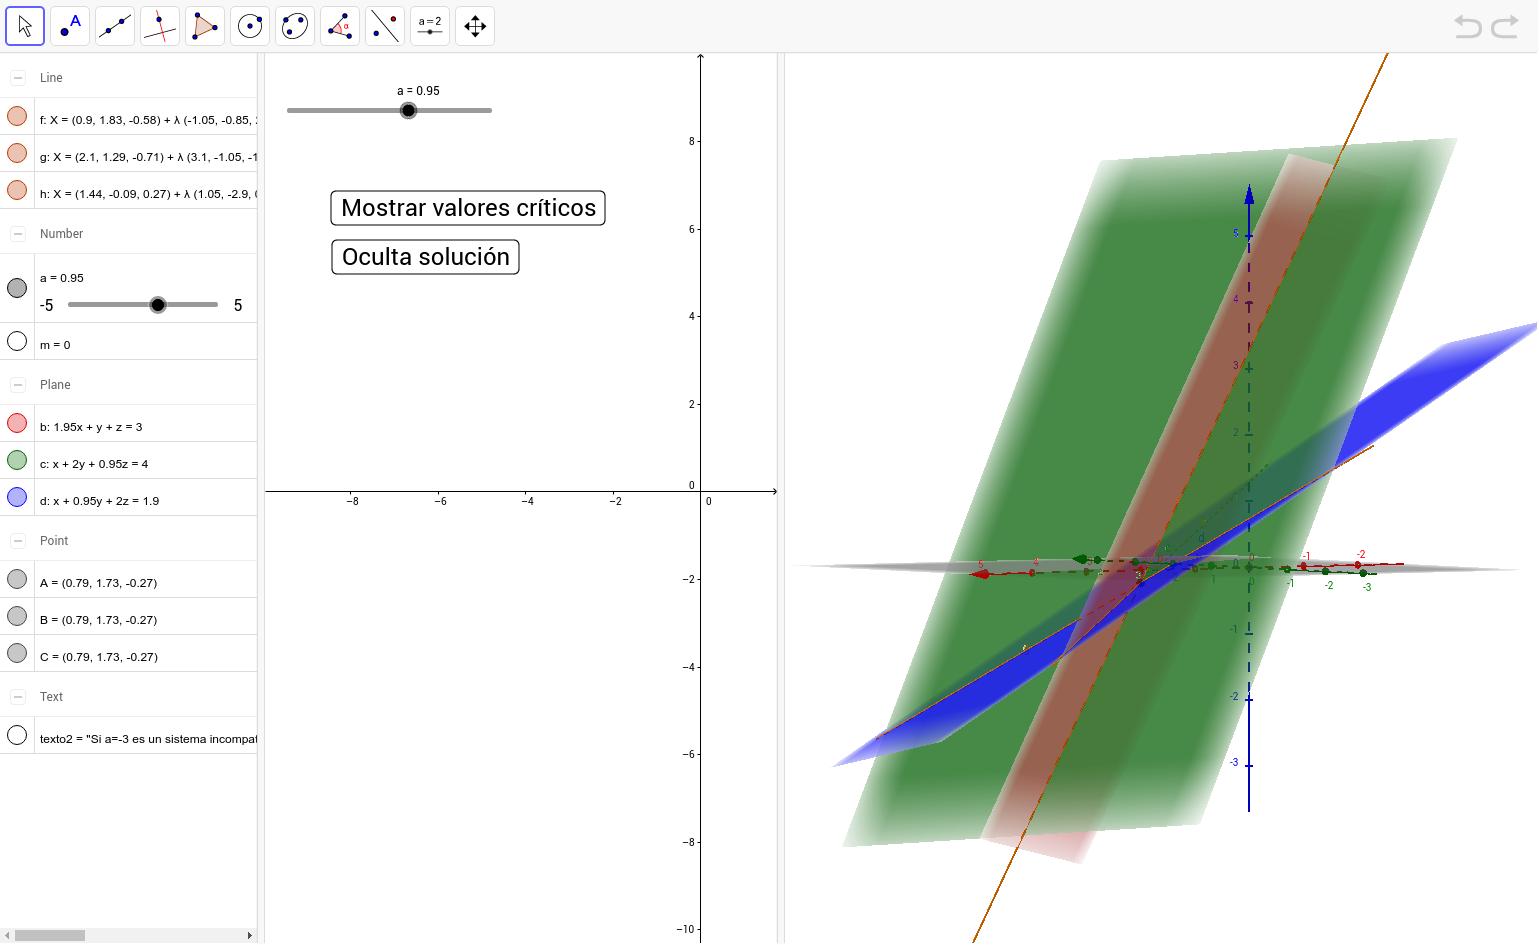 Estudia la posición relativa de estos tres planos que dependen del parámetro a.